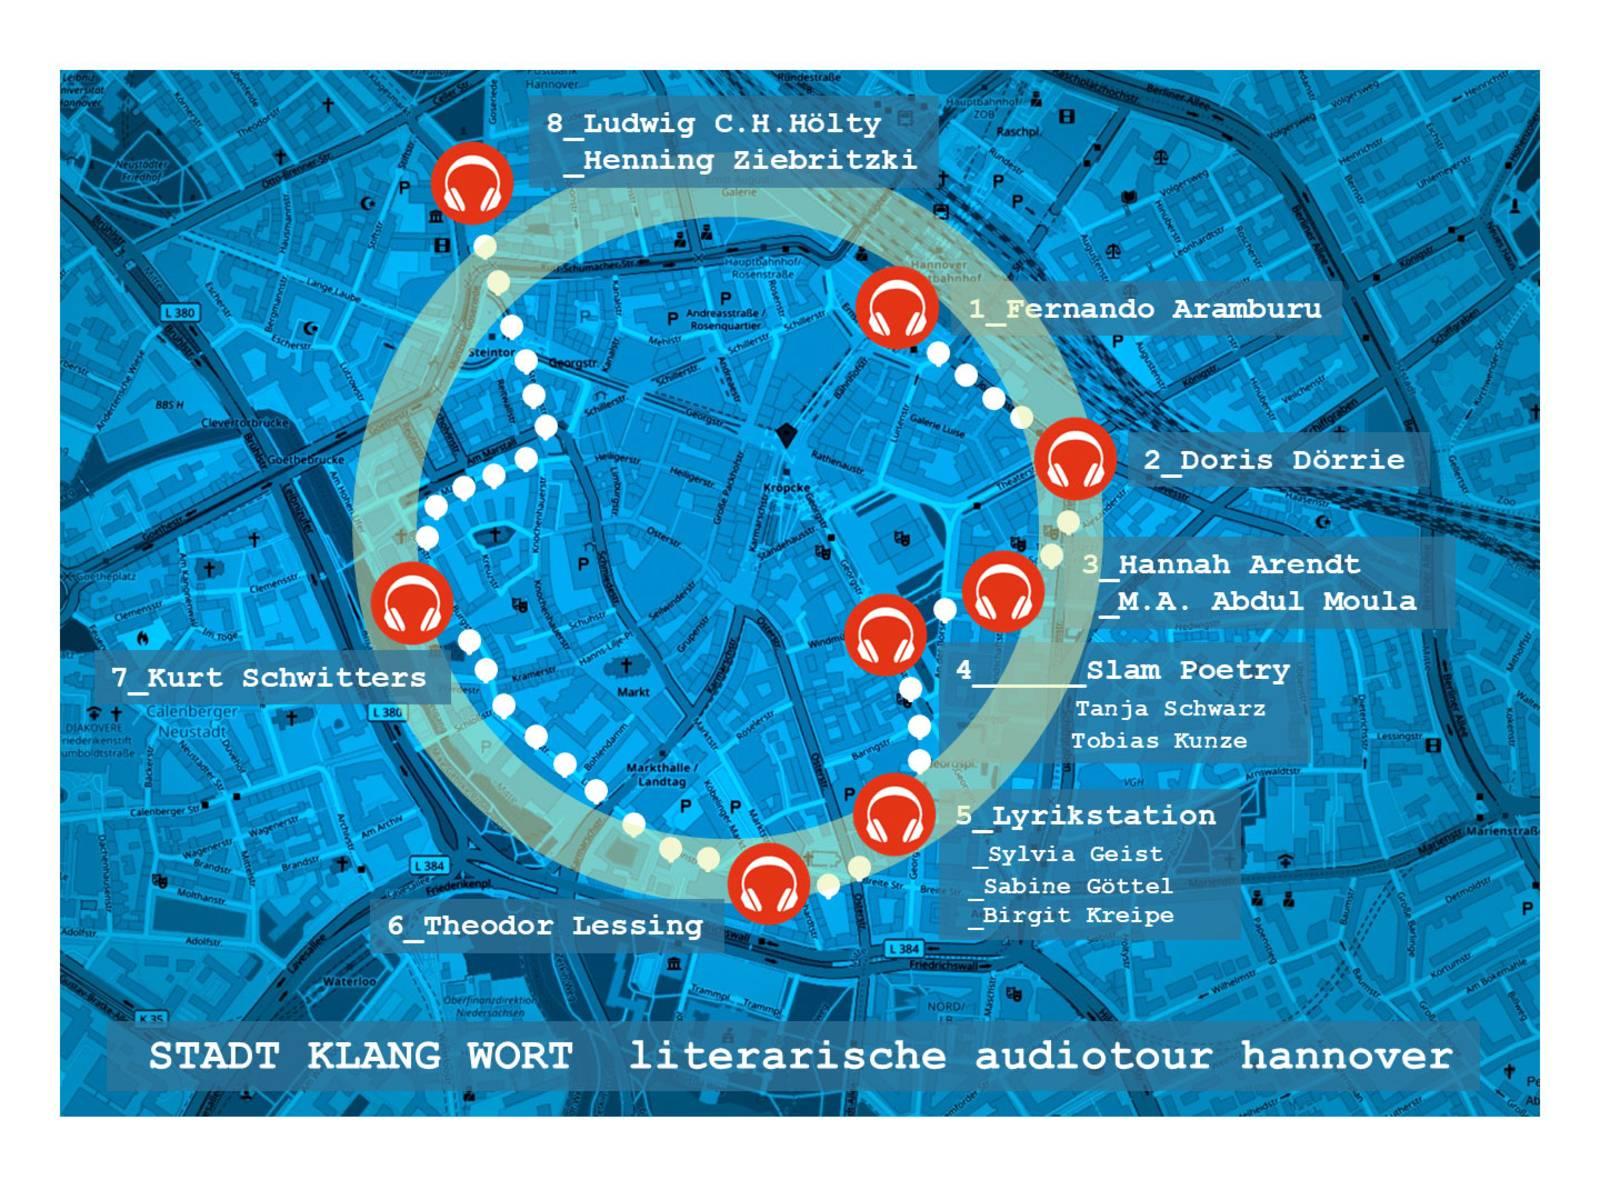 Übersichtsplan der Hörstationen